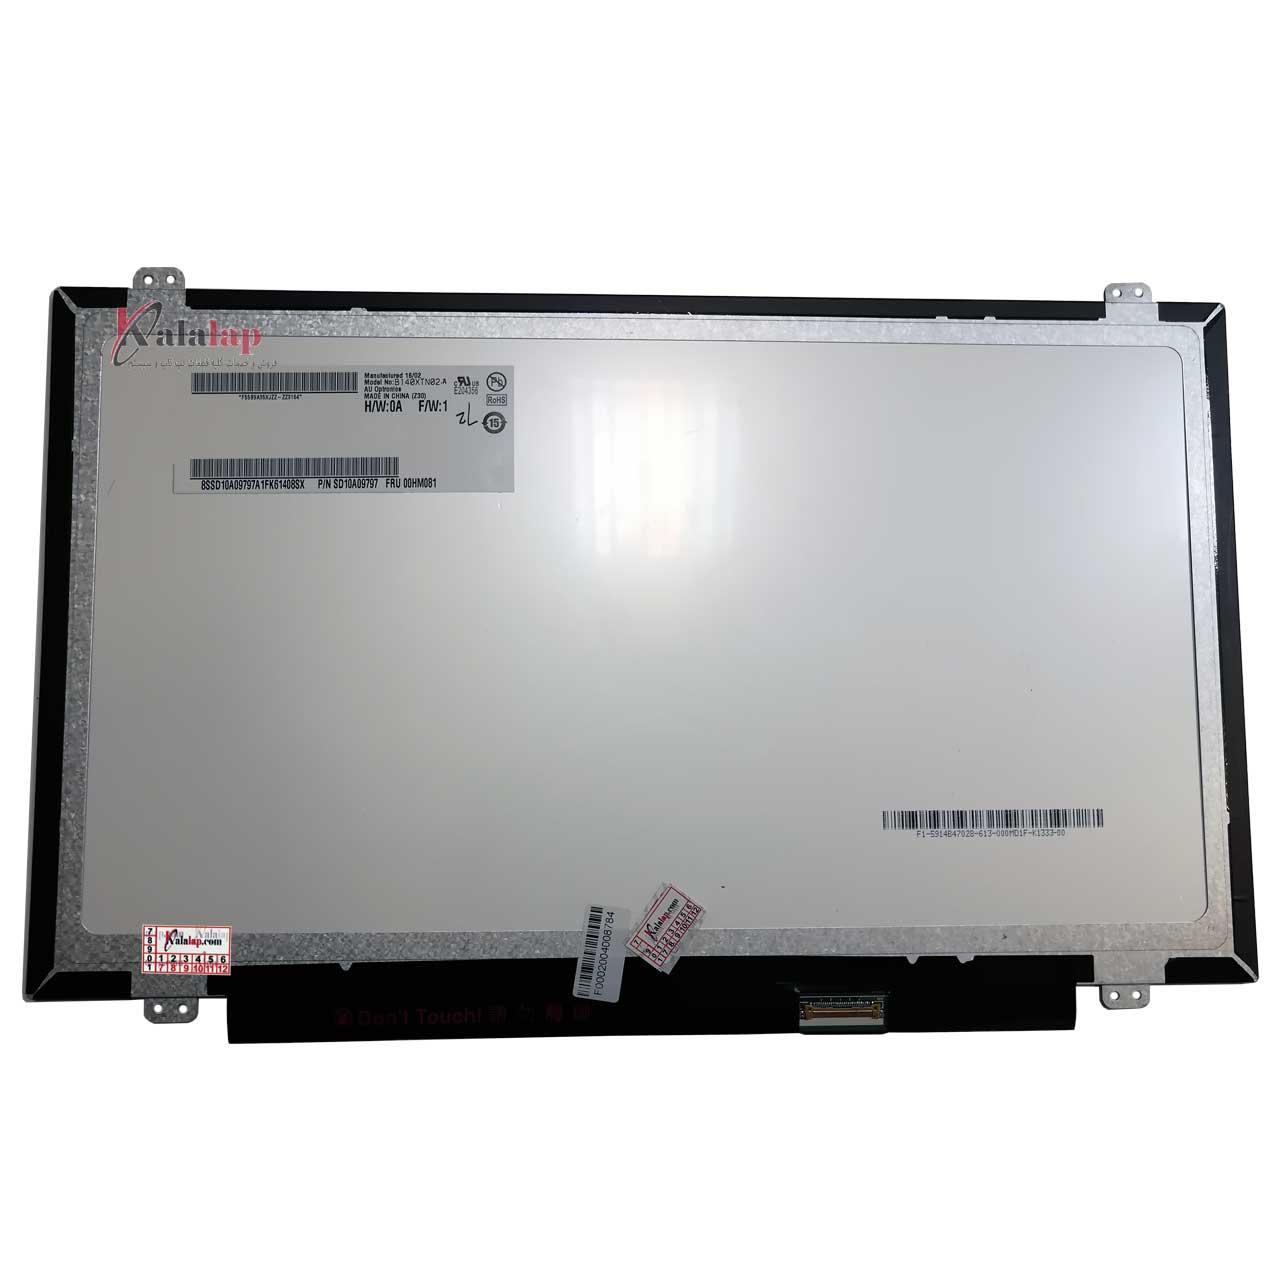 ال ای دی لپ تاپ LED LAPTOP 14 SLIM 30 PIN